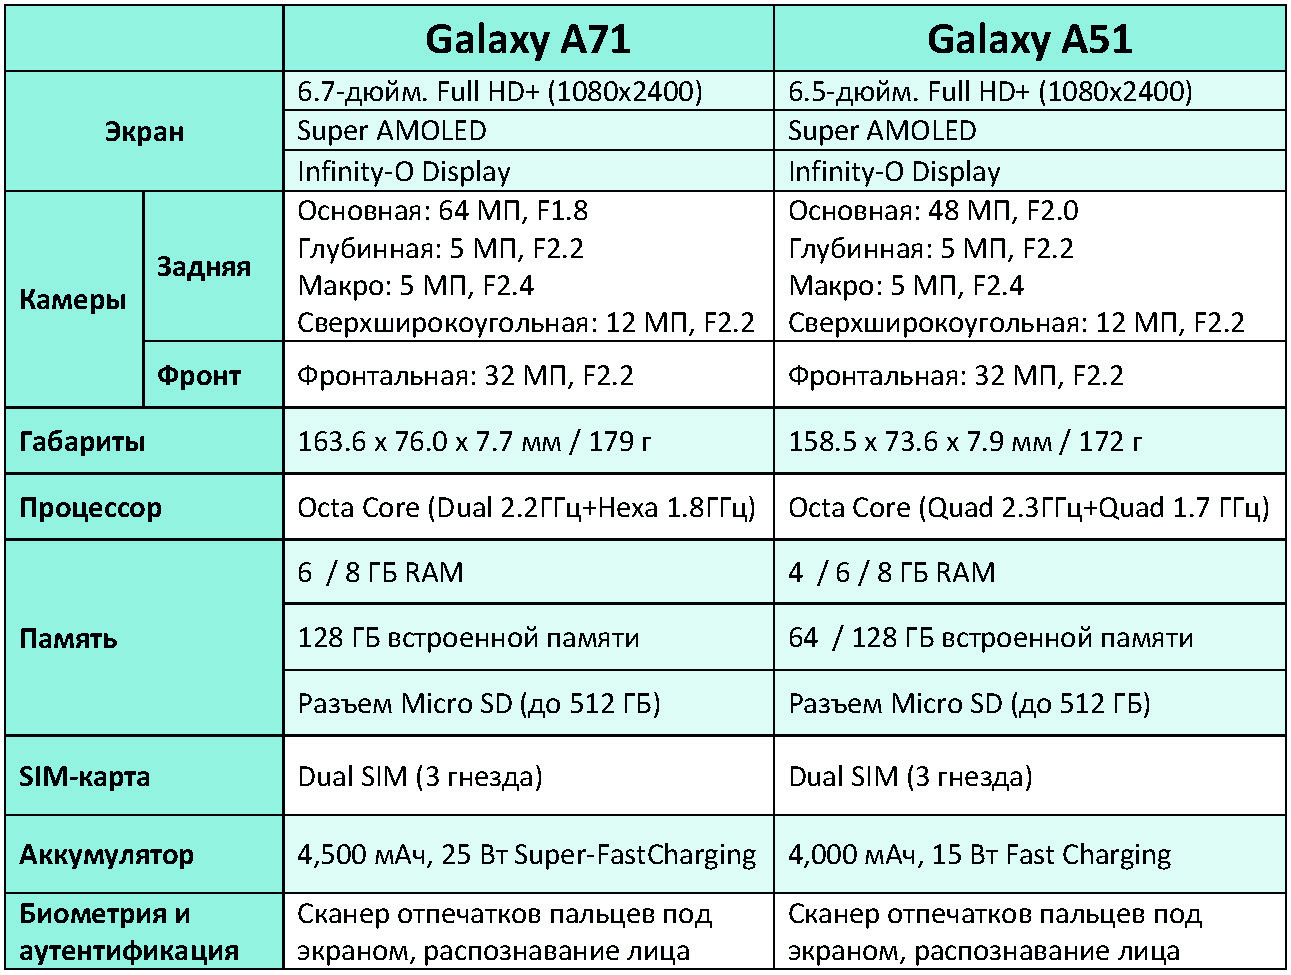 Какие устройства samsung поддерживают 5g. смартфоны, планшеты, ноутбуки